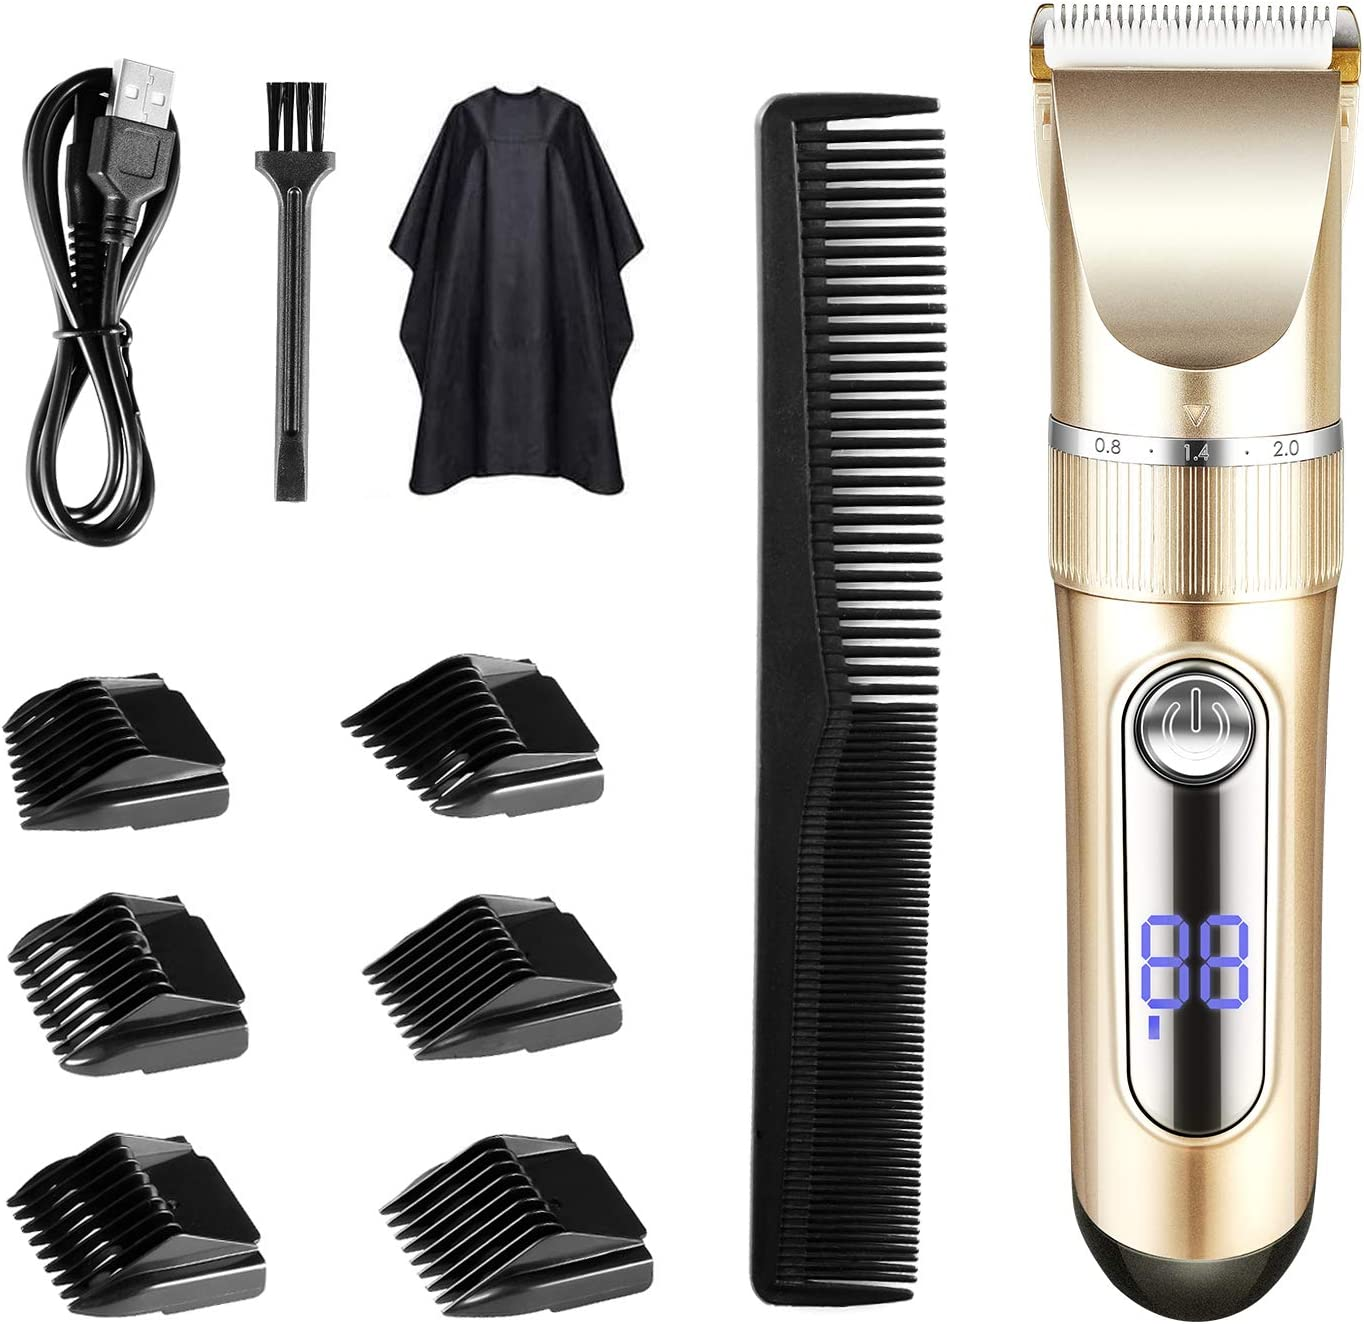 TTLIFE Cortar el pelo Pantalla LED recargable inalámbrica para cortapelos con 6 peines guía (dos modos son adecuados para adultos y niños)